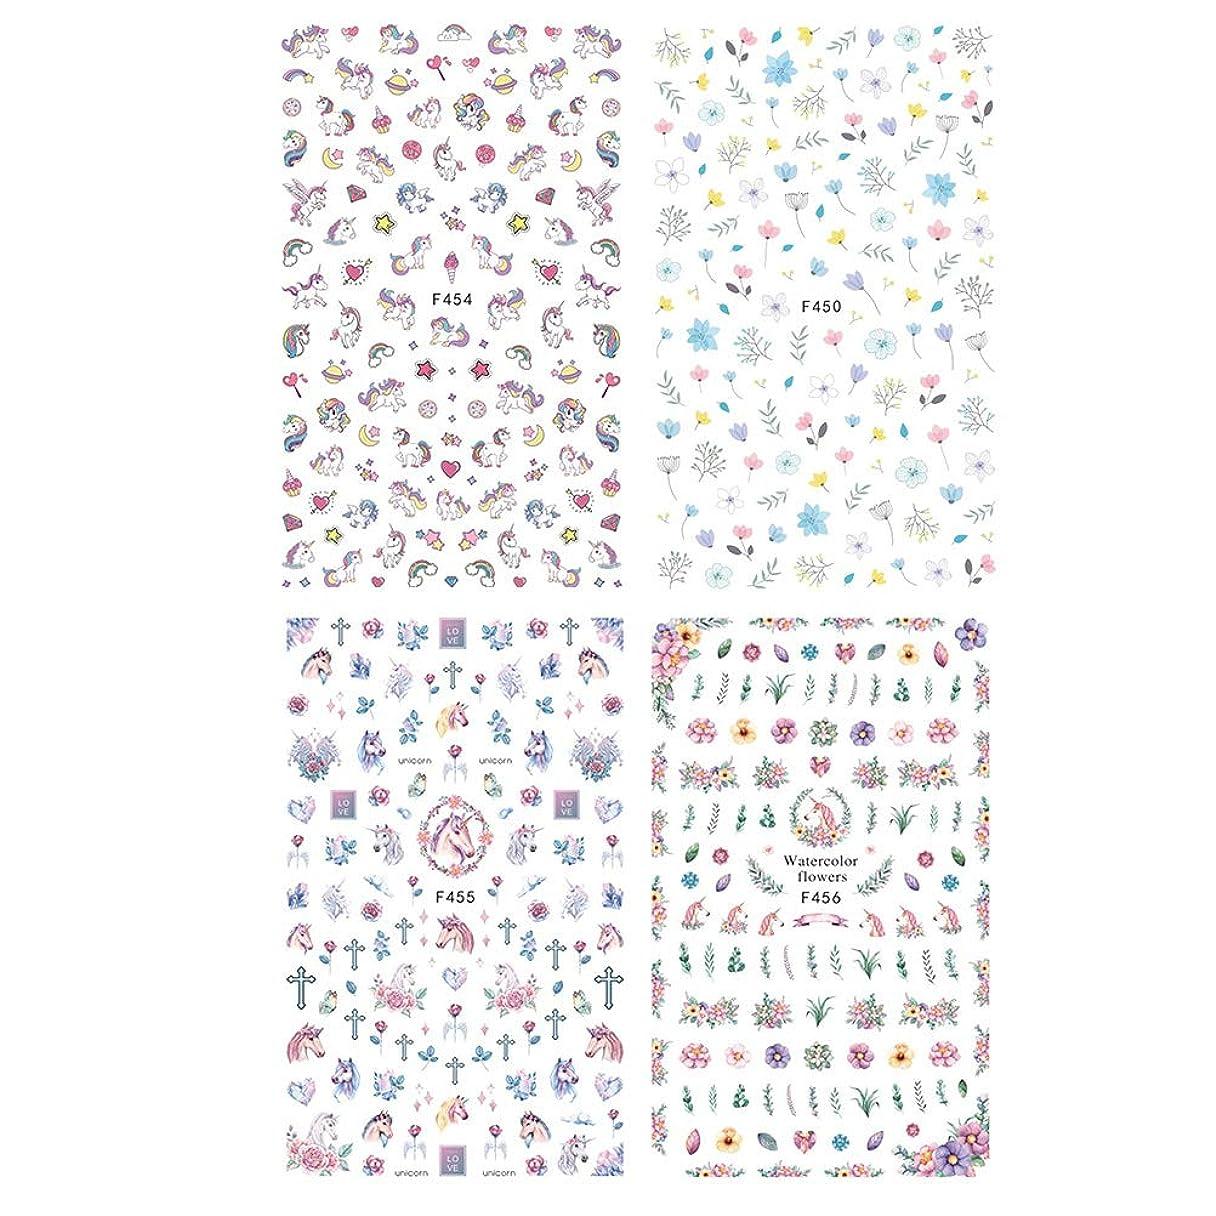 ヒットコンパイルすでに4枚のユニコーン透明咲く花ネイルステッカーデカール3D薄いネイルアートステッカー自己接着ネイルのヒント飾り女の子と女性のためのエレガントなマニキュアネイルアクセサリー(F450 + F454 + F455 + F456)